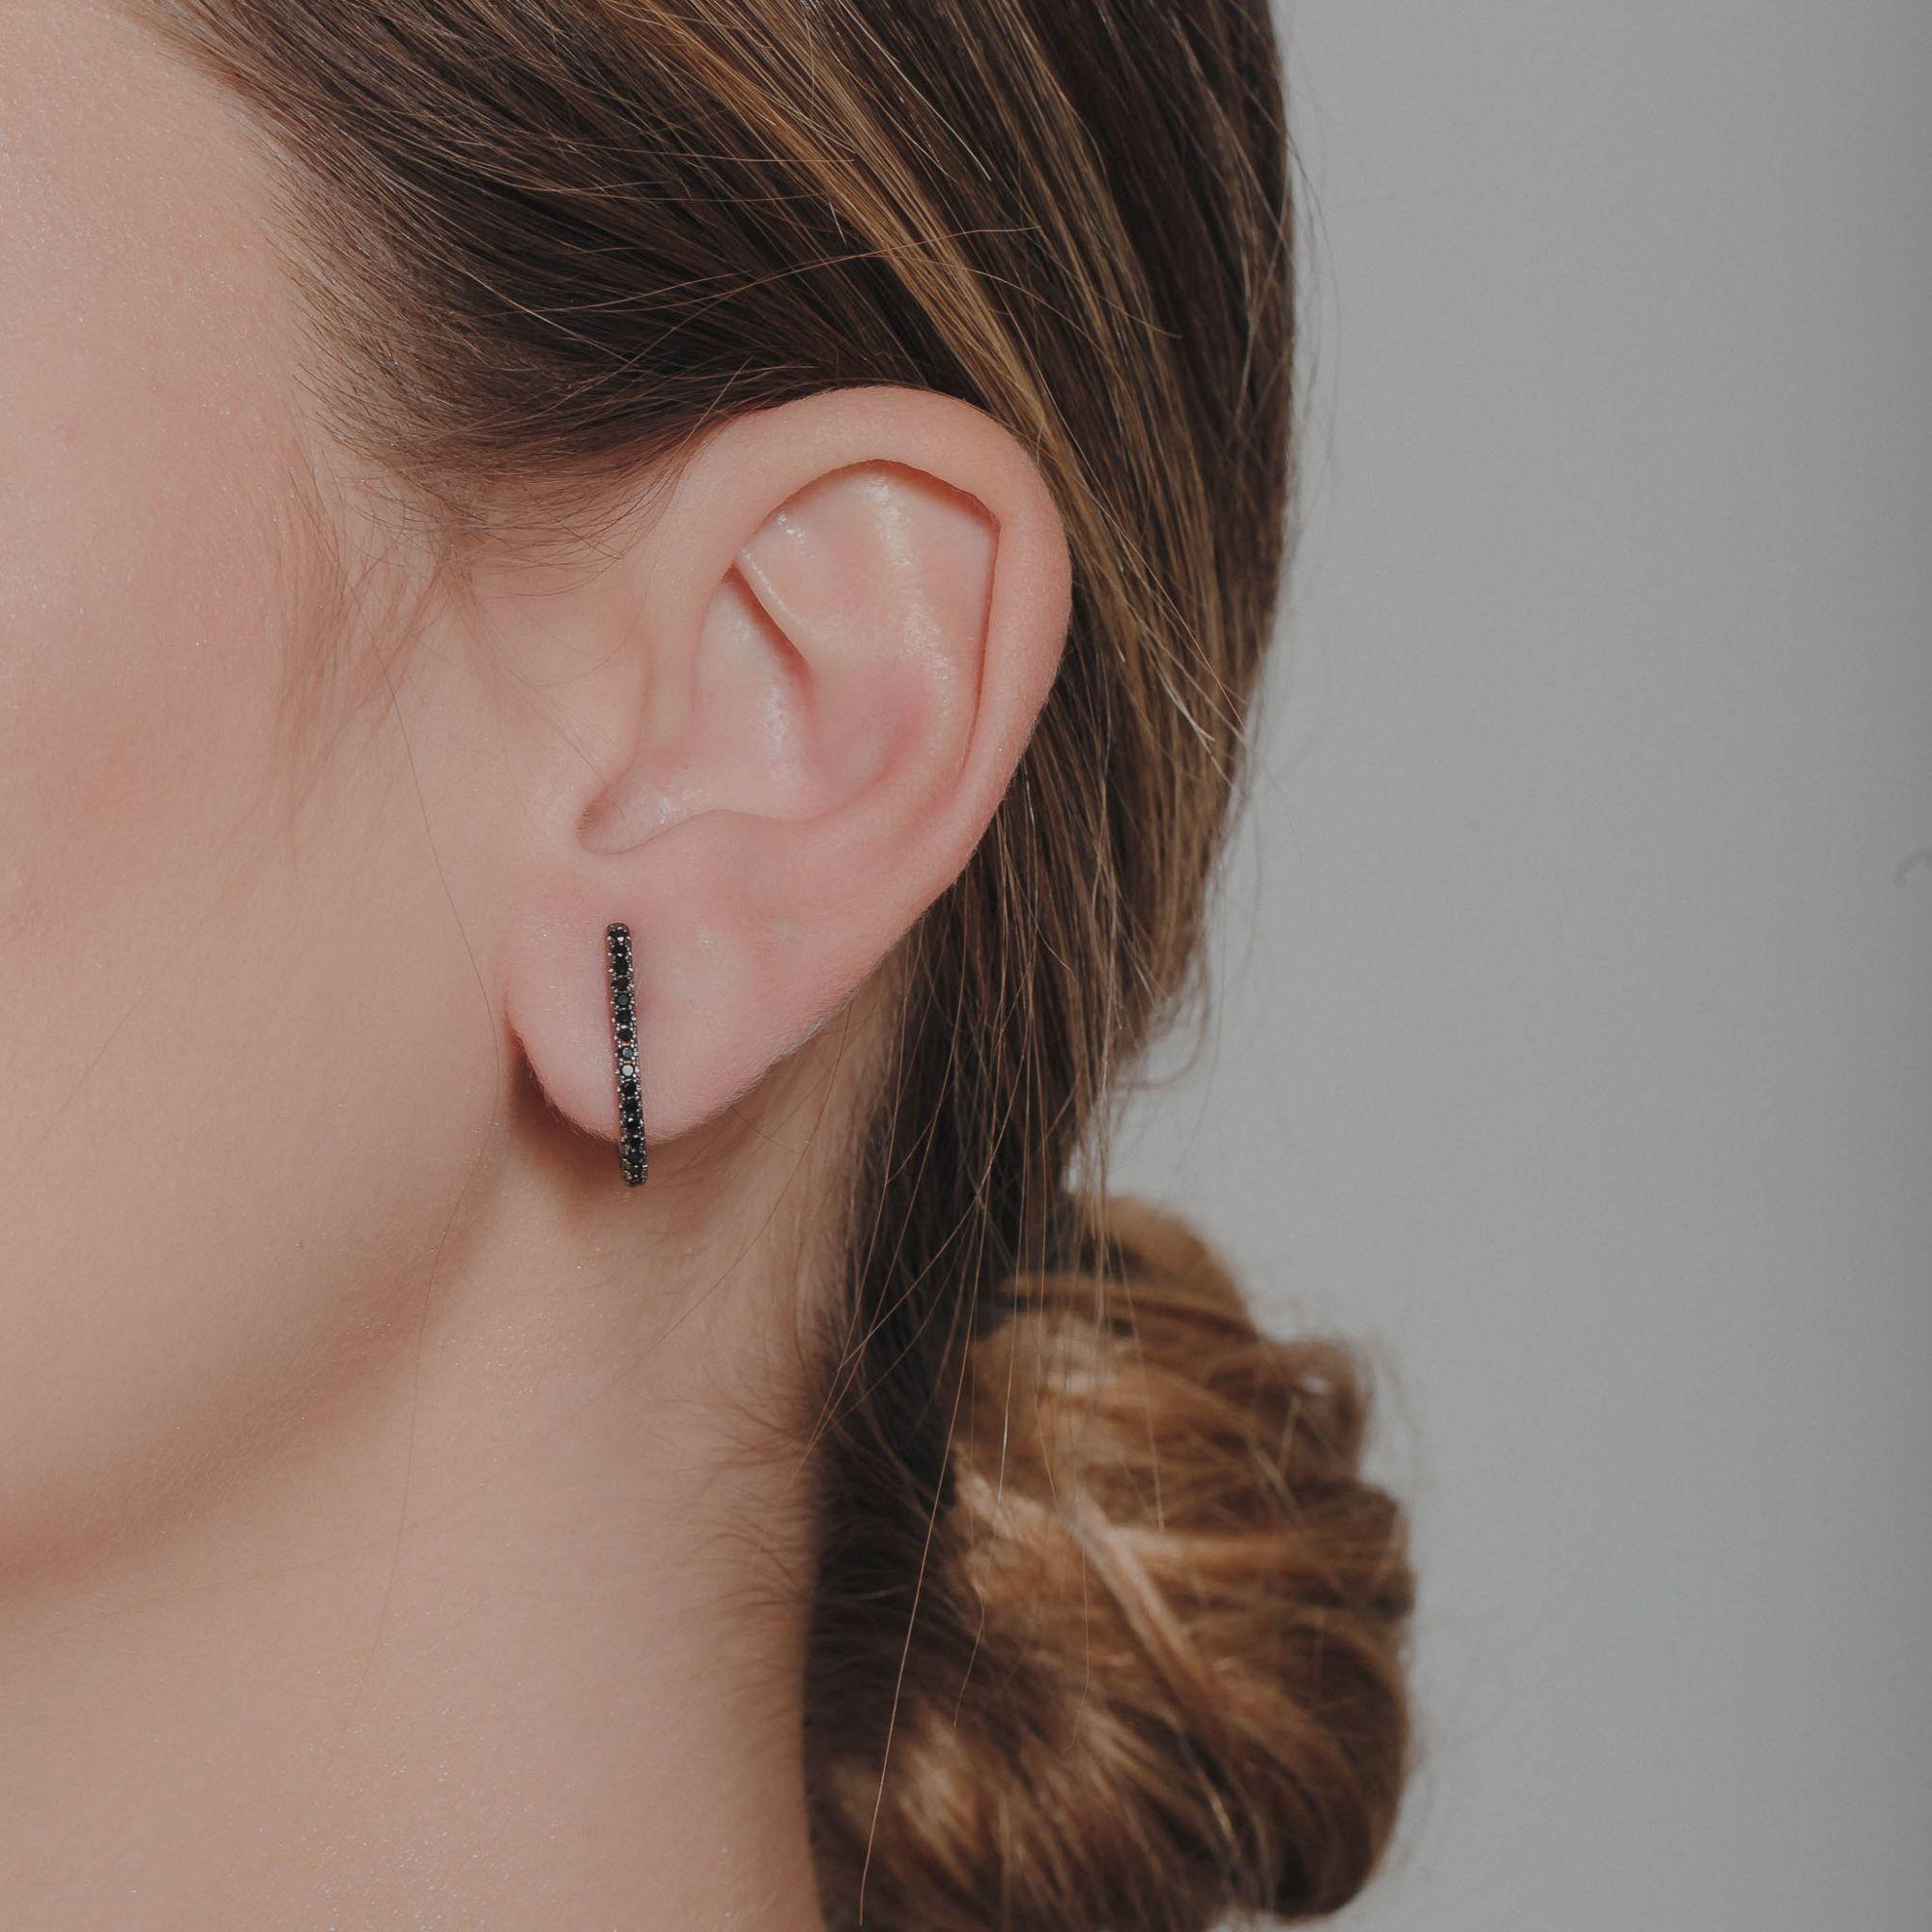 Brinco ear hook com micro zirzônias negras banho de grafite.  - romabrazil.com.br